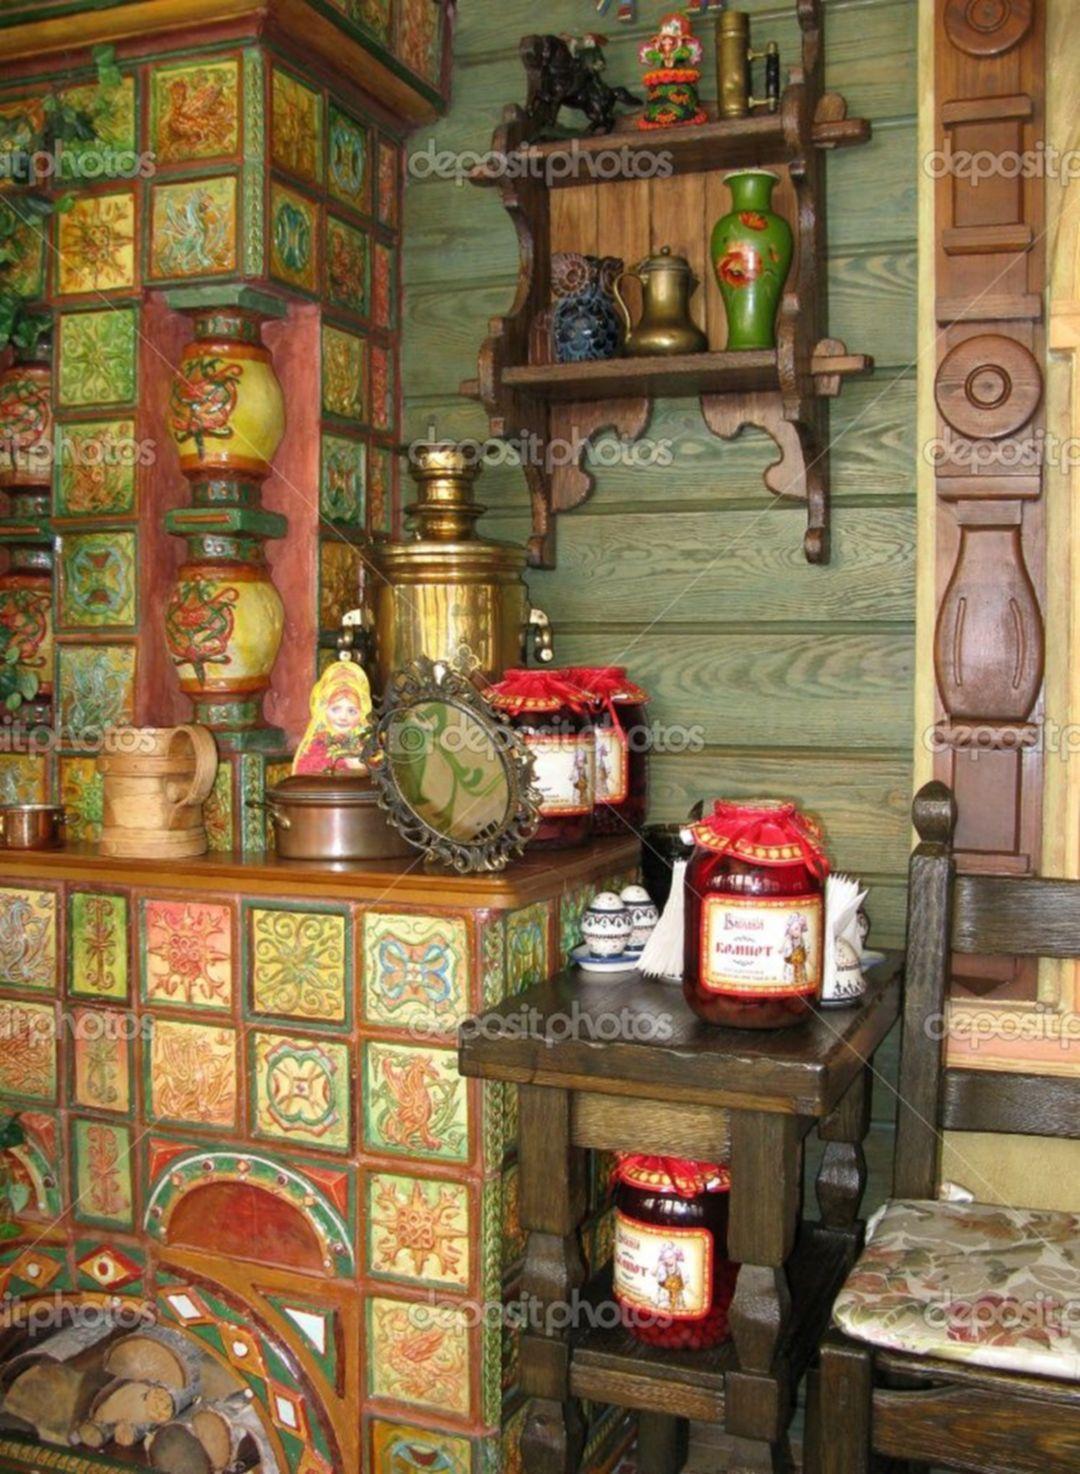 pin on kitchen room ideas on hippie kitchen ideas boho chic id=68256